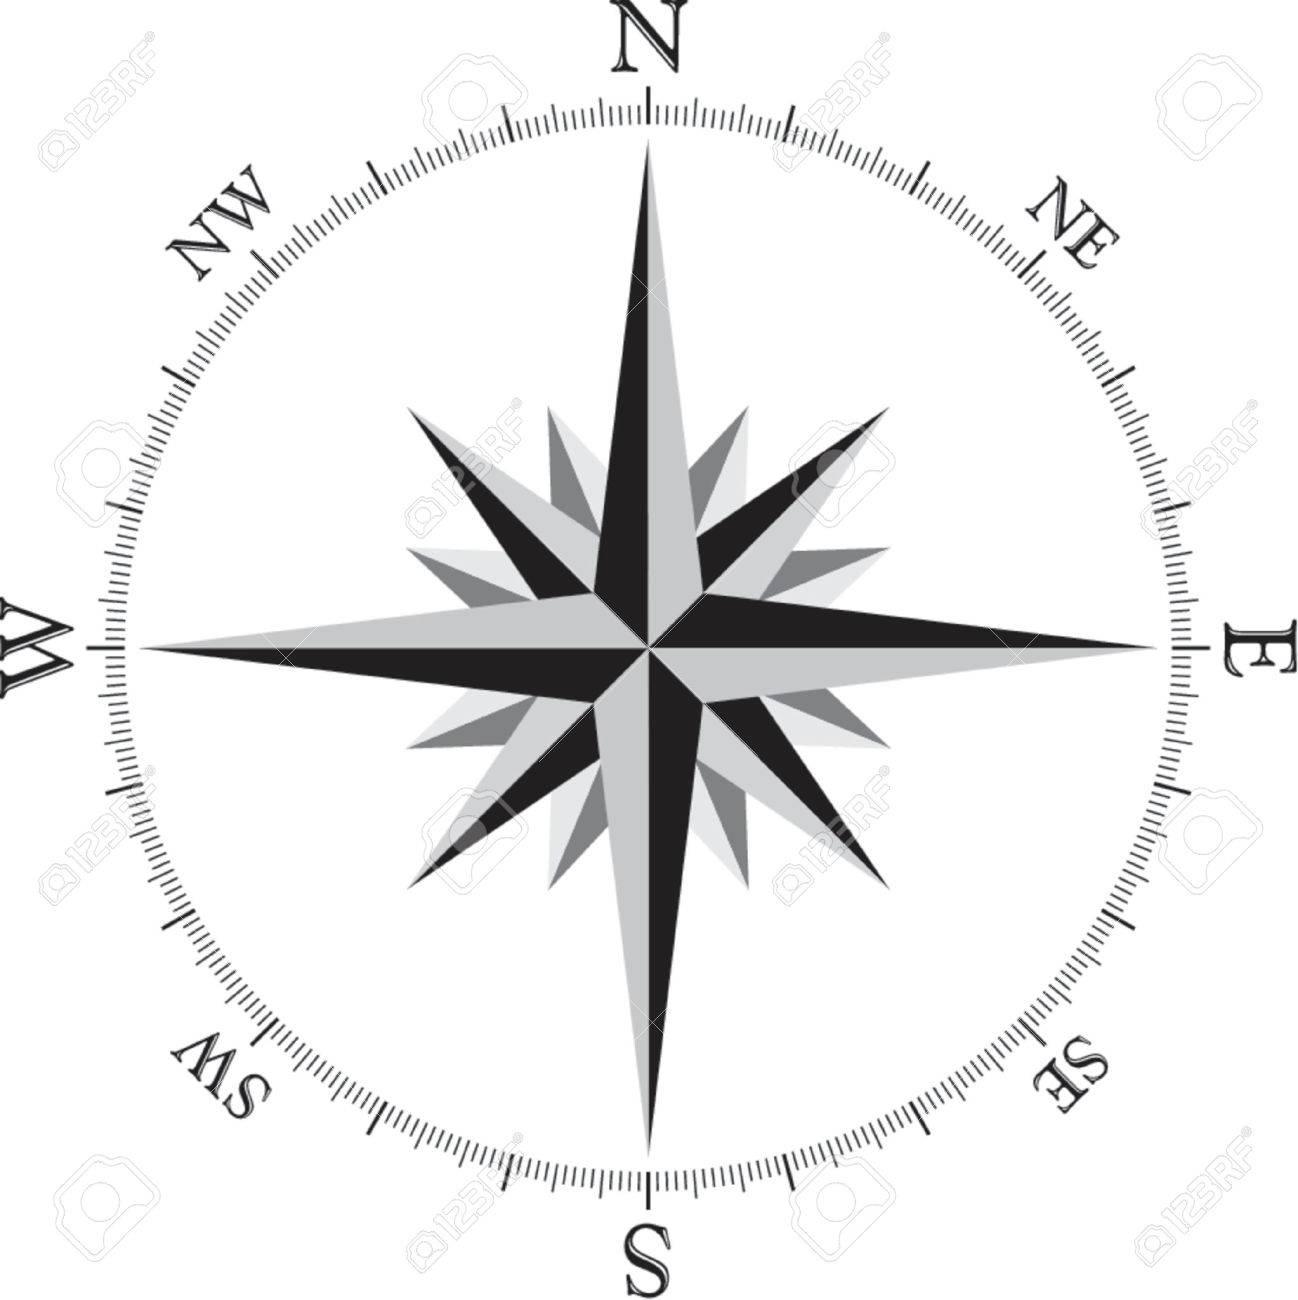 Как сделать компас из бумаги своими руками